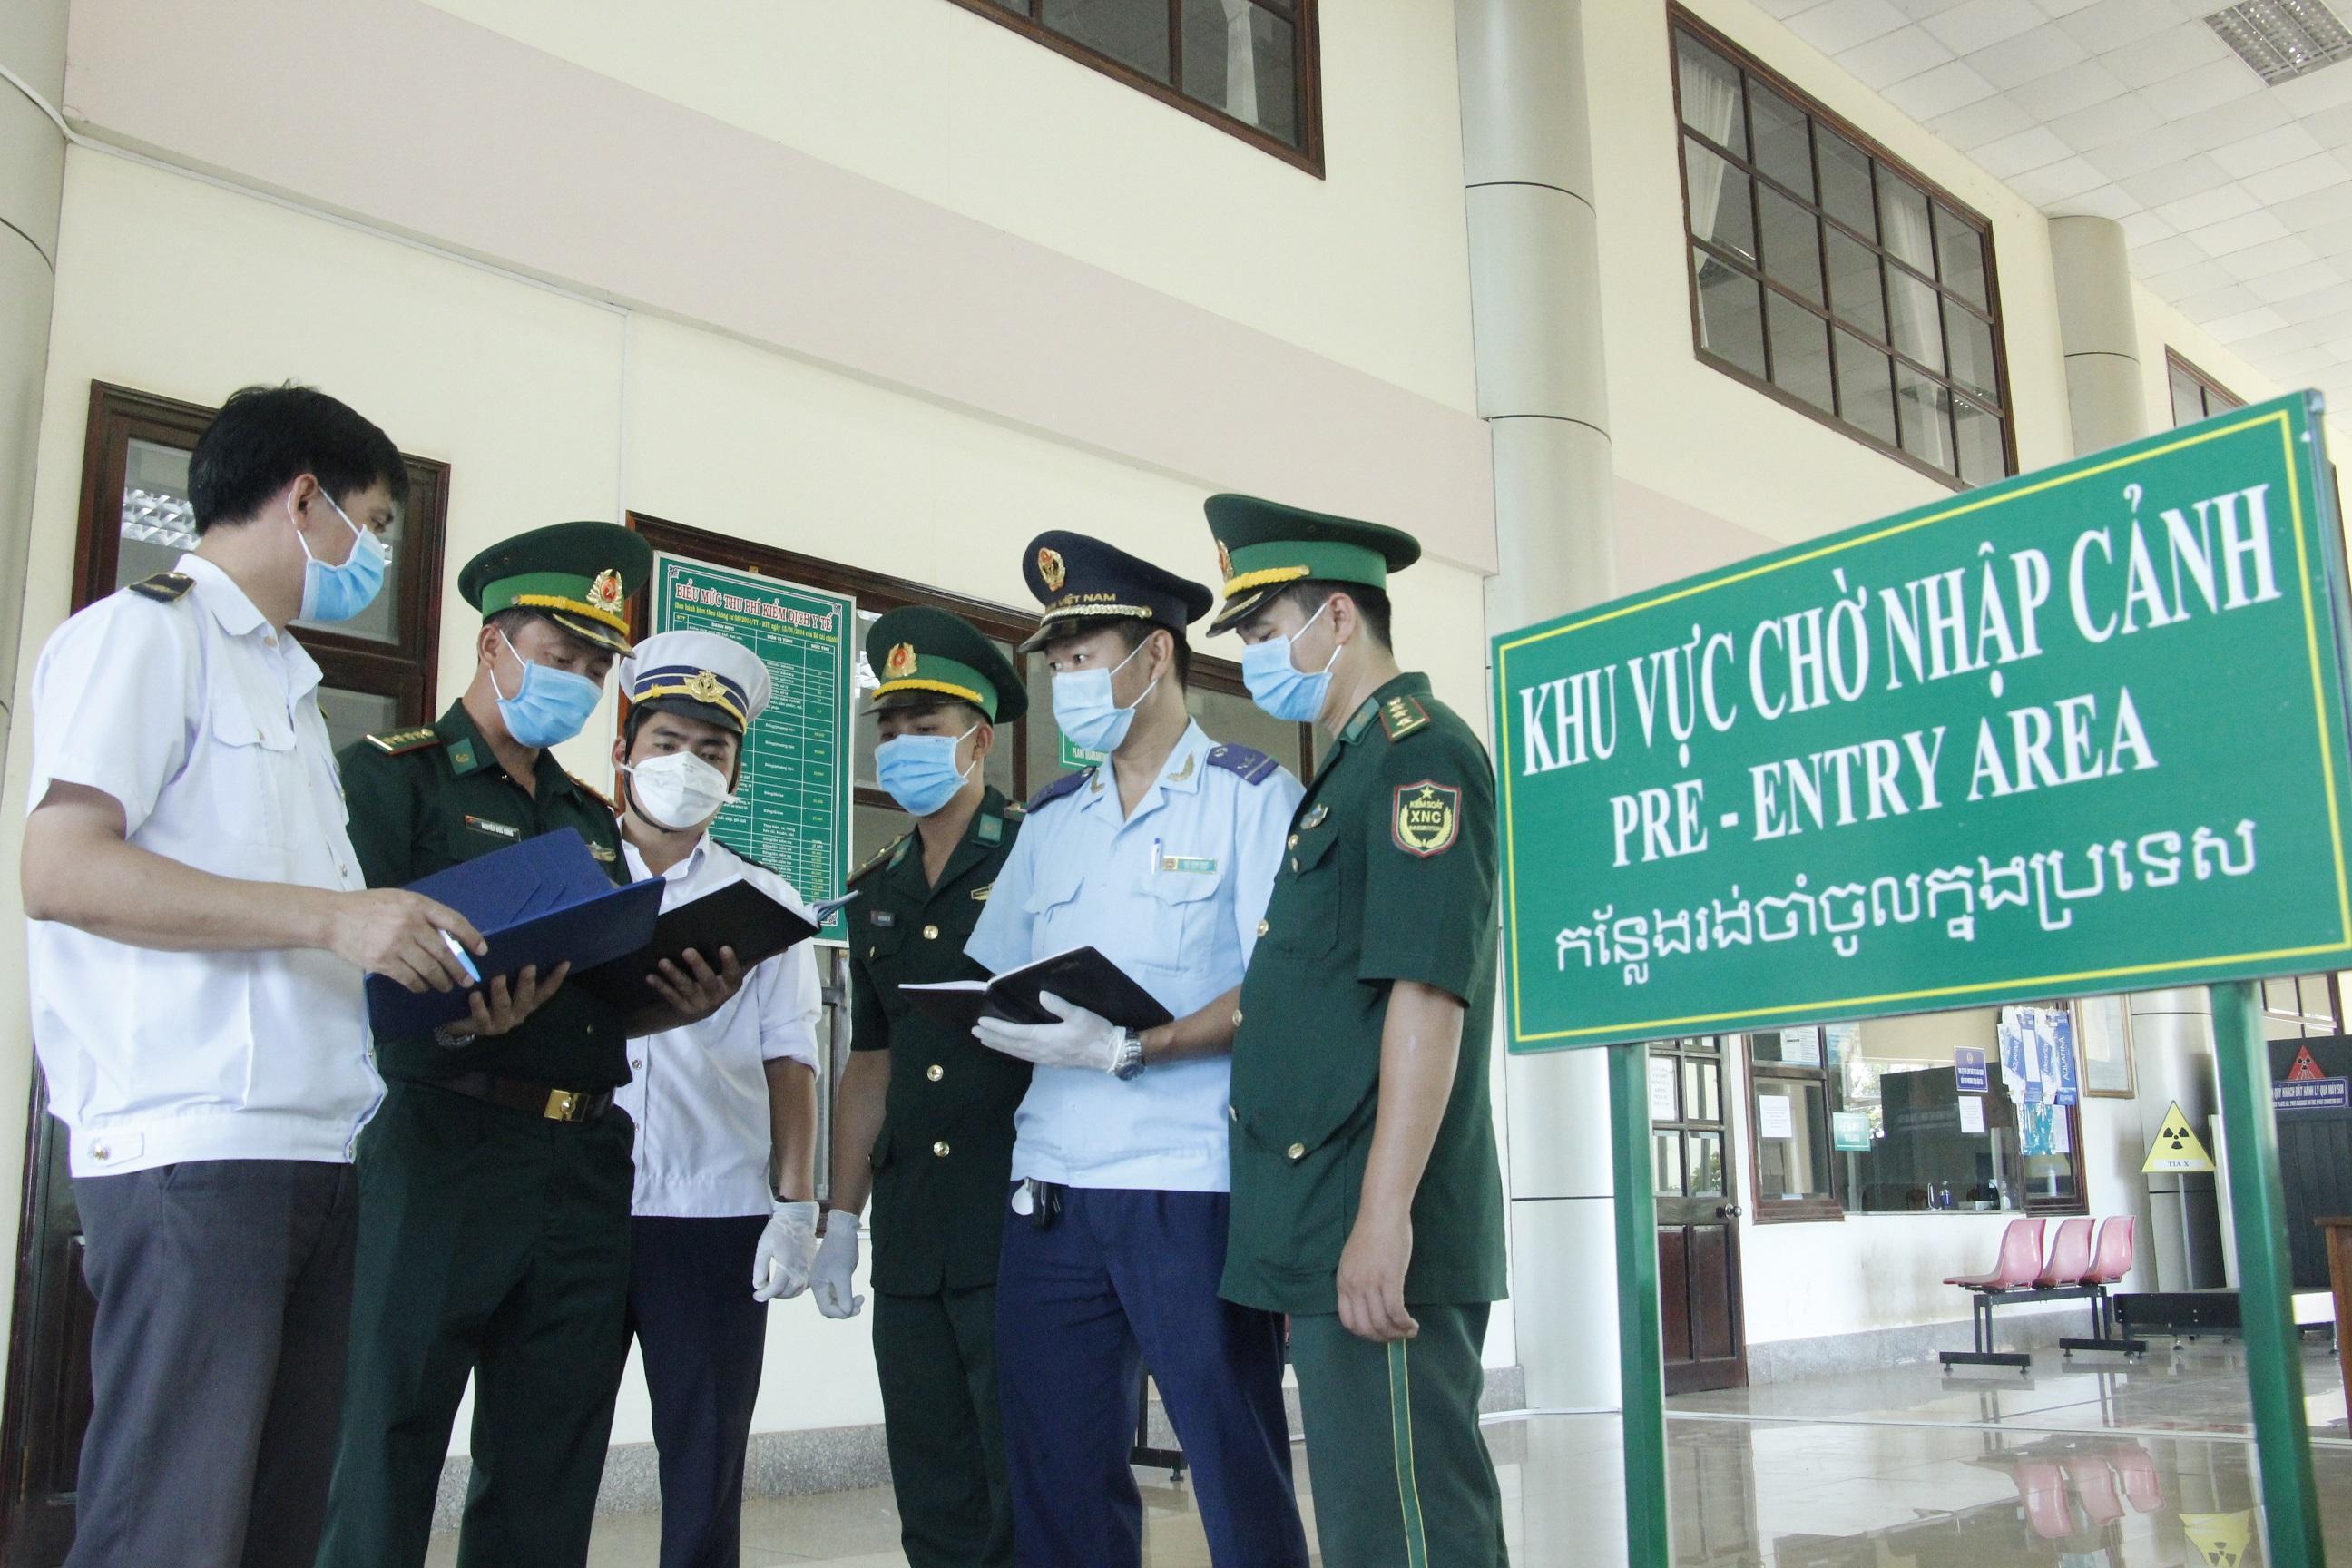 Cán bộ, nhân viên và lực lượng biên phòng cửa khẩu quốc tế Hoa Lư, huyện Lộc Ninh, tỉnh Bình Phước, trao đổi nghiệp vụ trước khi thực hiện công tác.